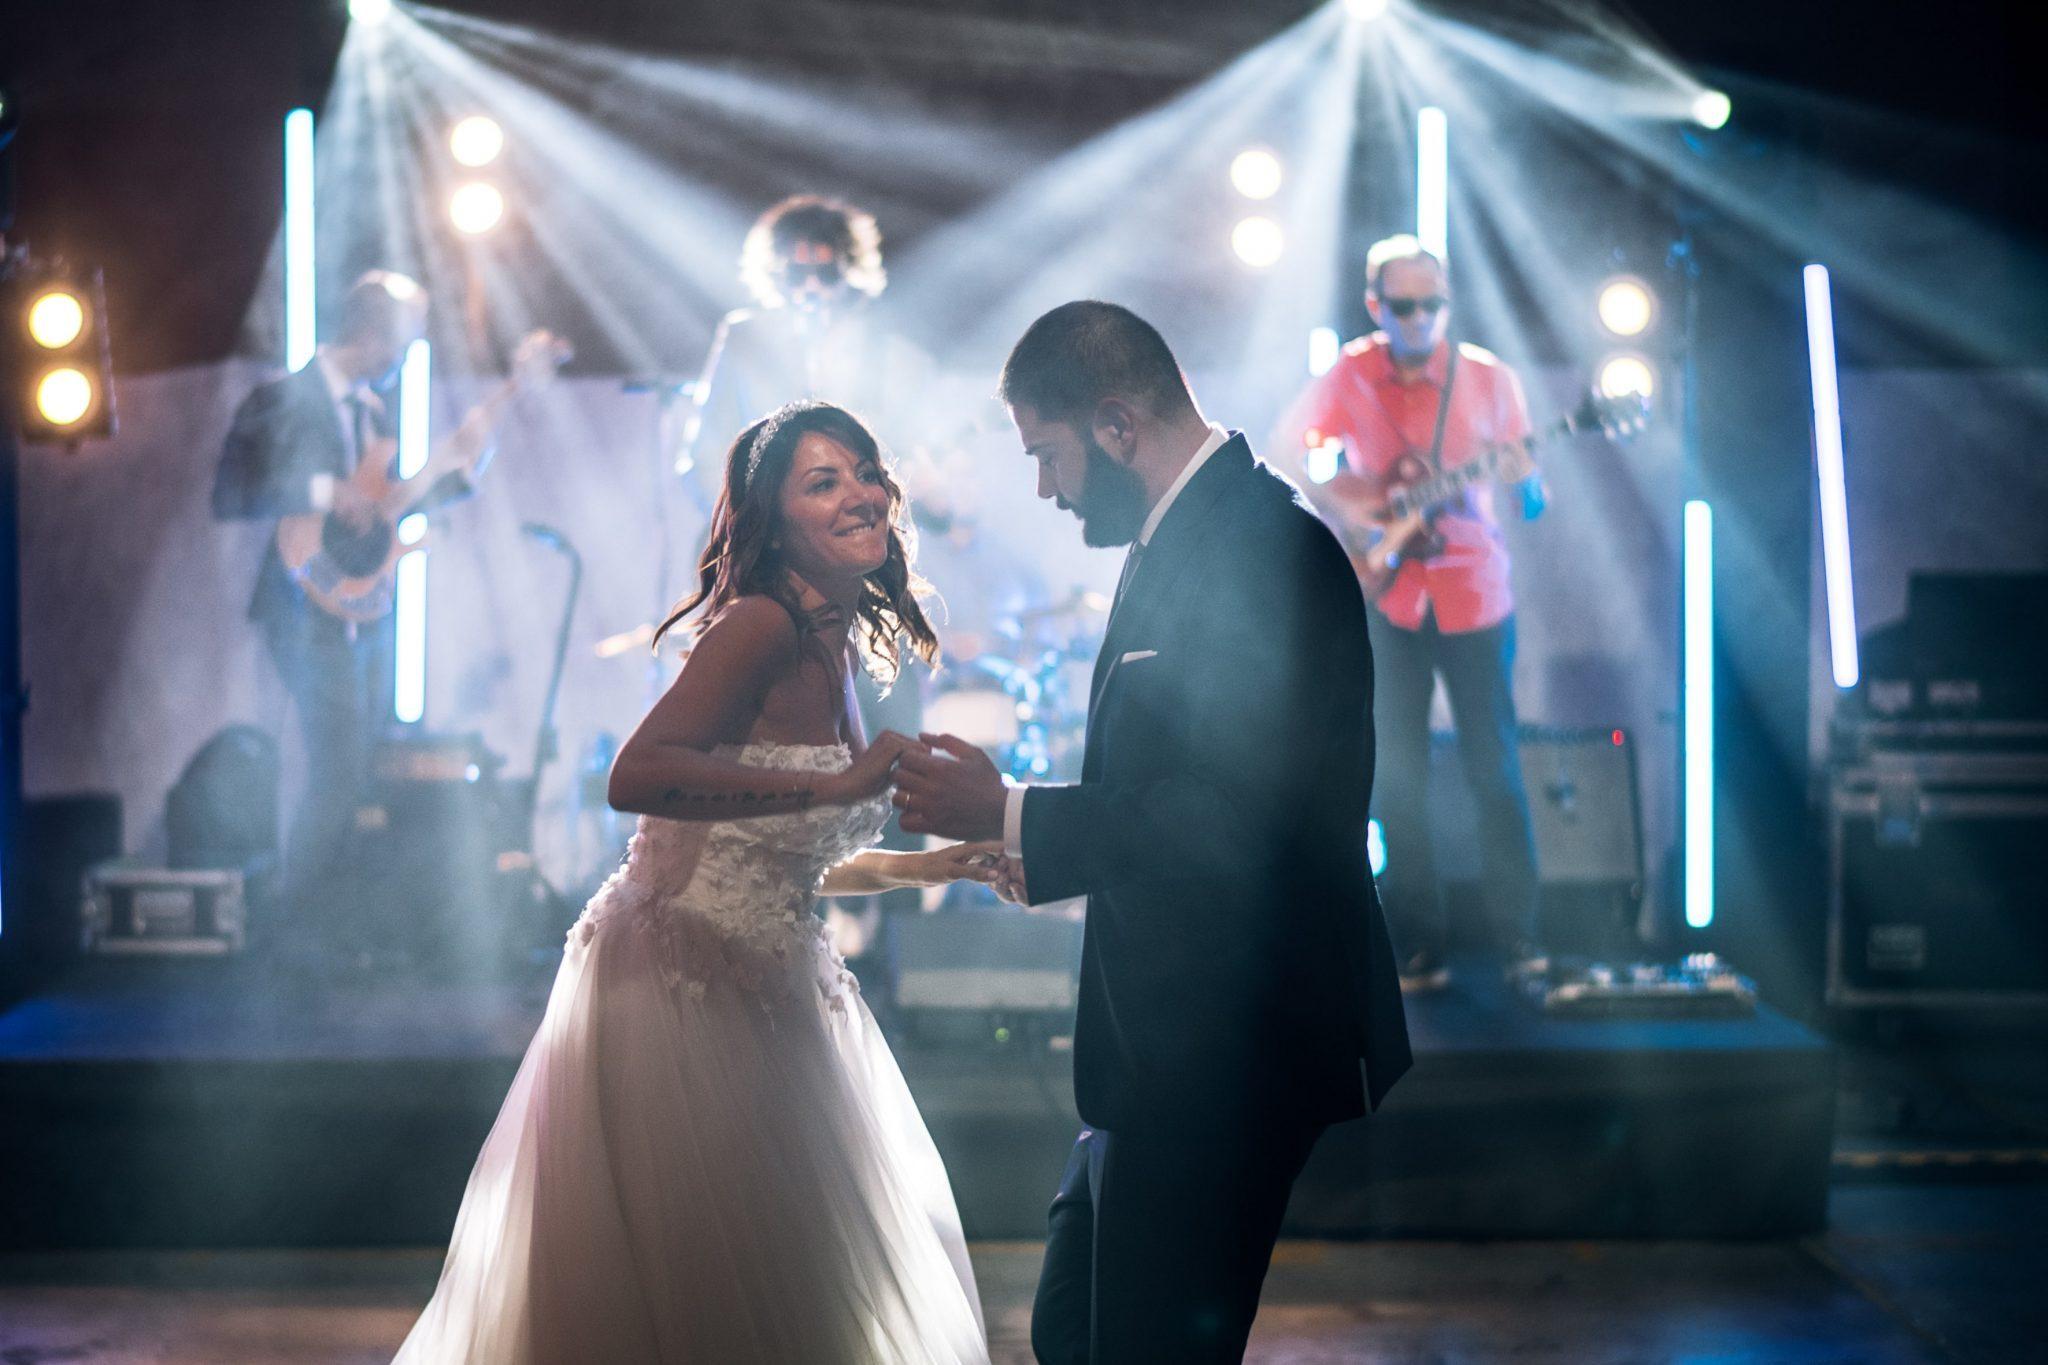 gli sposi ballano mentre la band suona al ricevimento